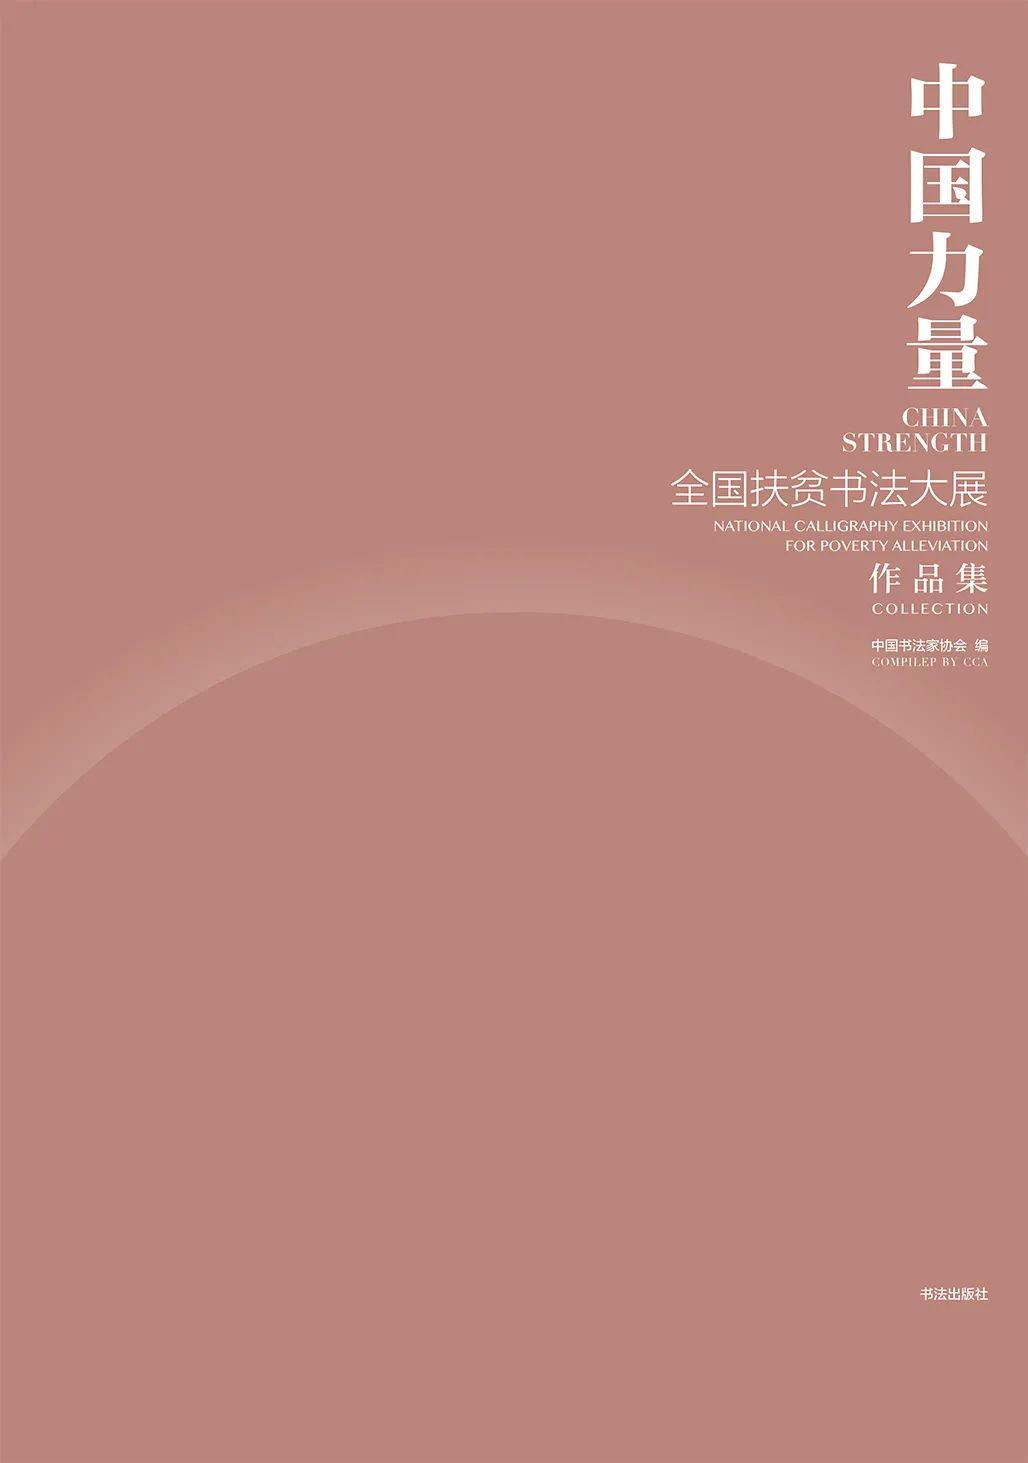 中国力量——全国扶贫书法大展作品 | 第一篇章 :人民至上(图1)